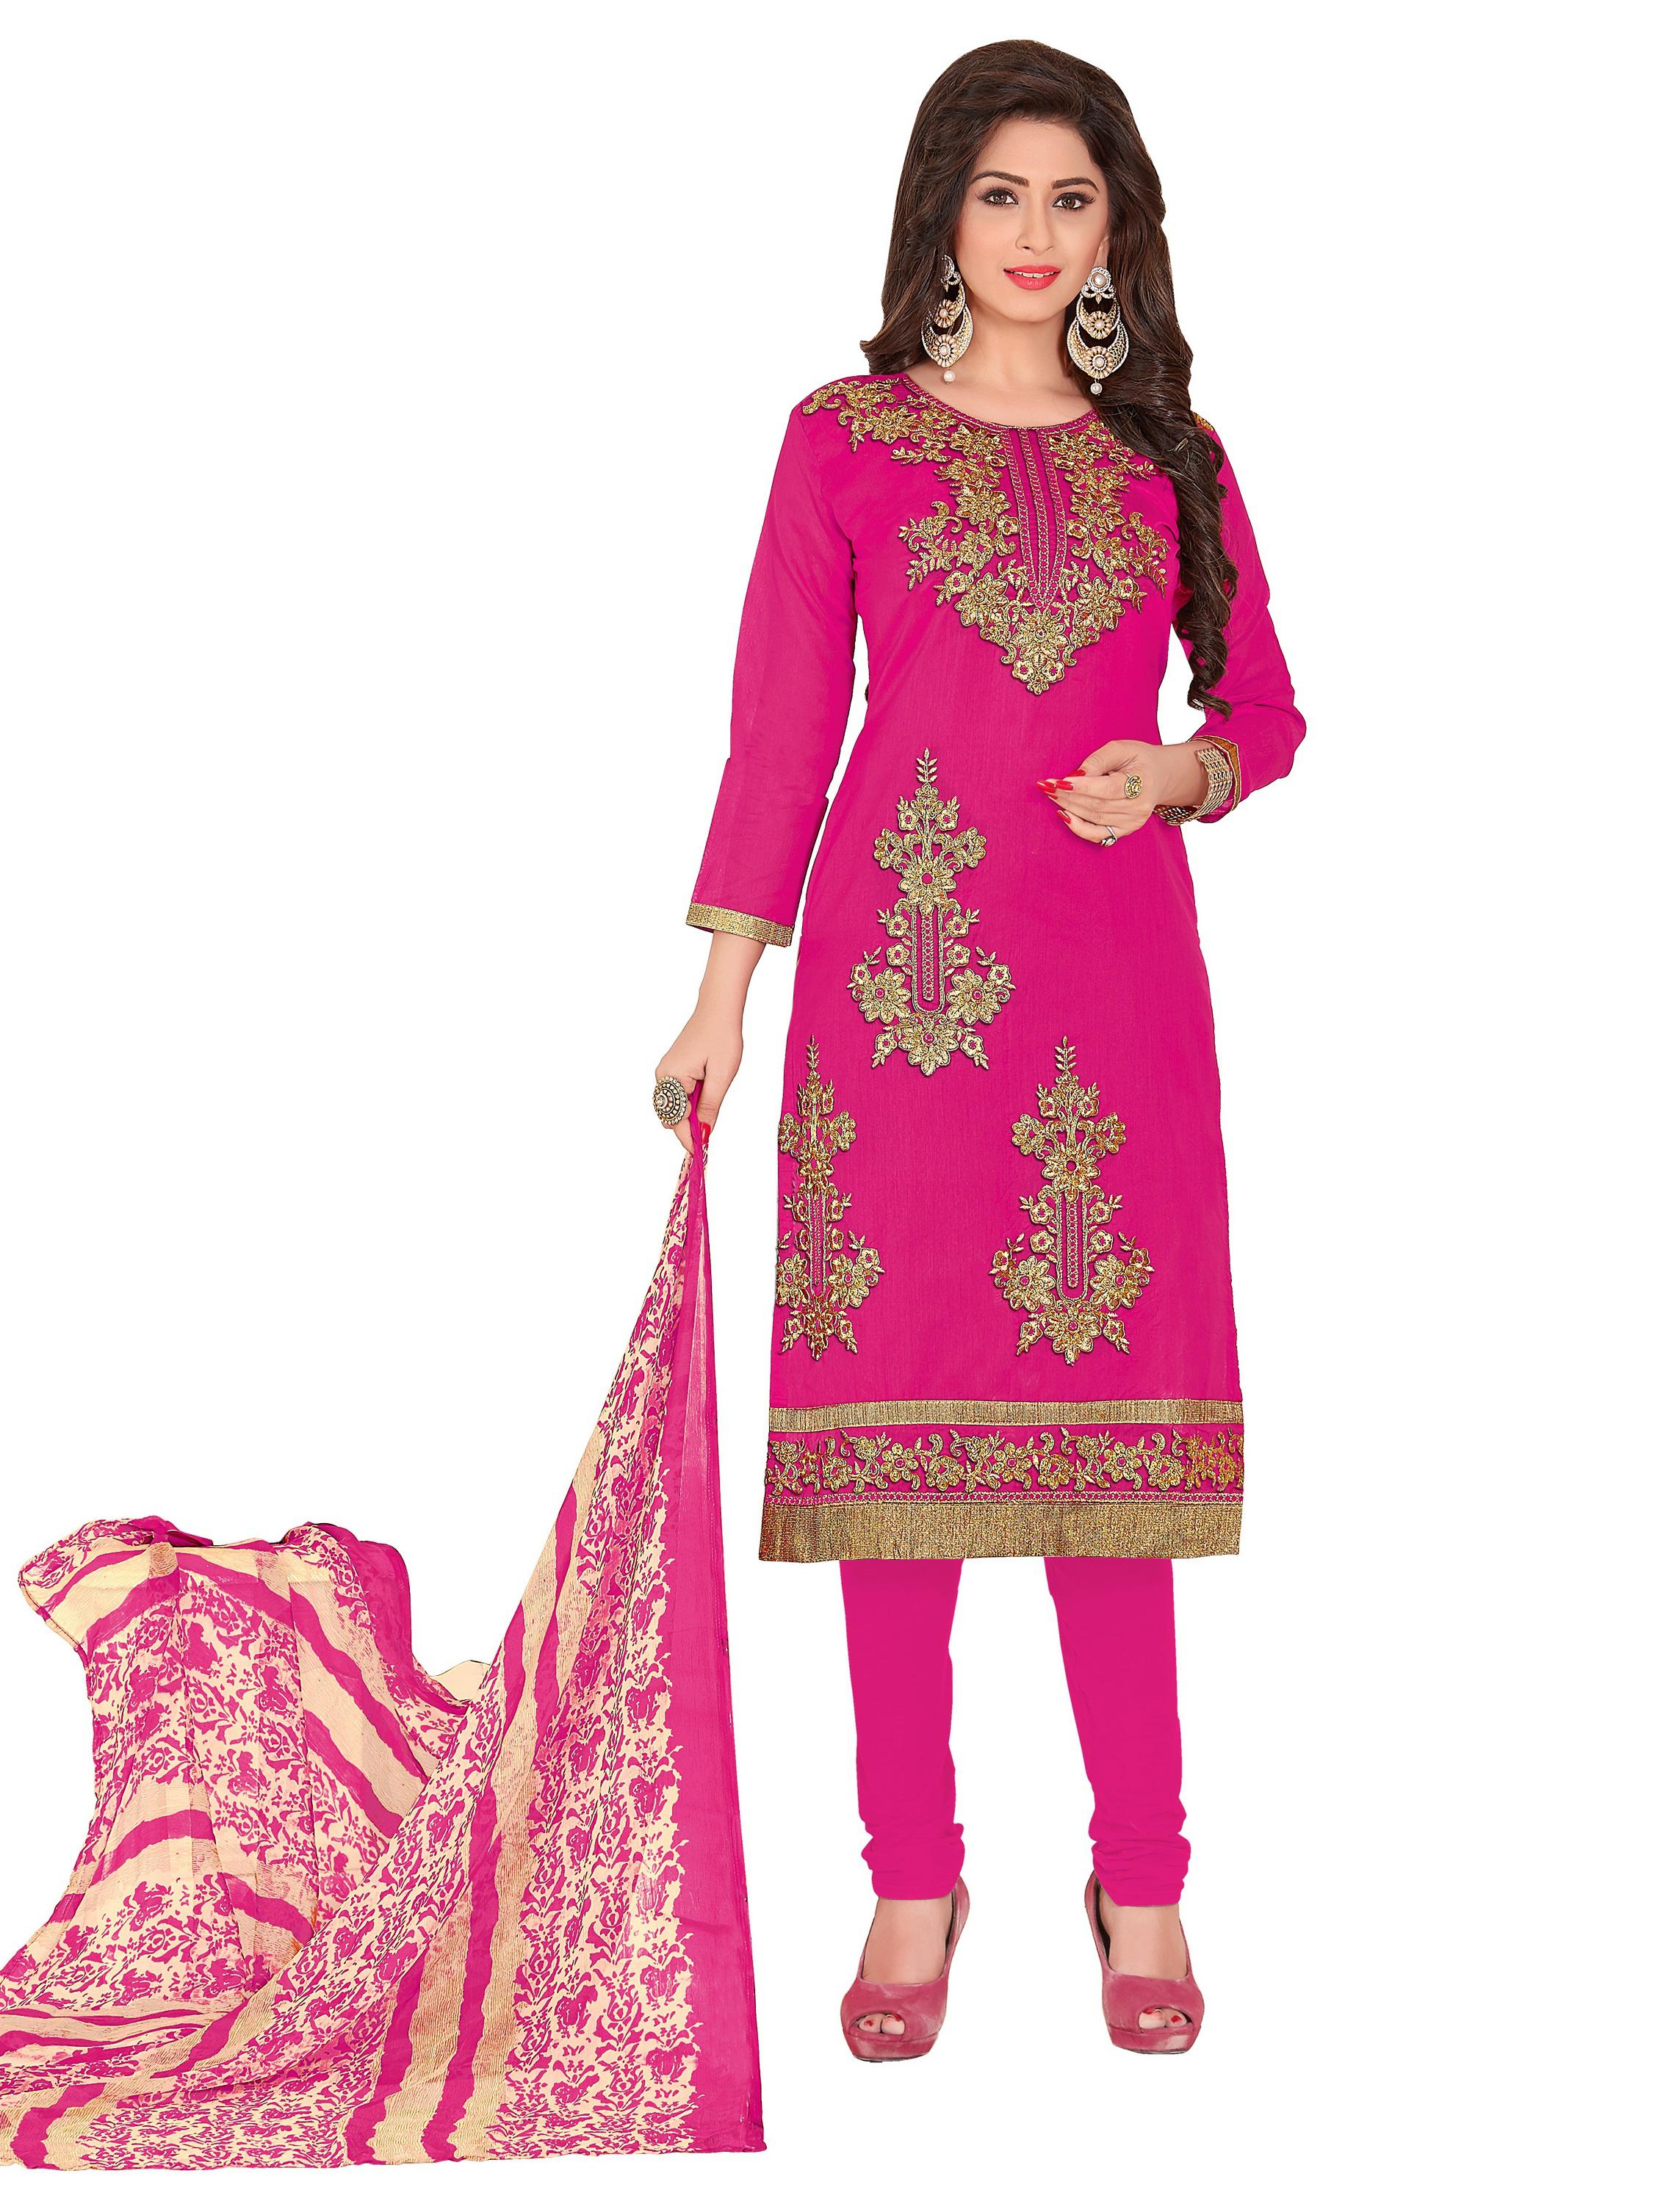 e5fcb632cc Chanderi Embroidery Unstiched Straight Fit Salwar Kameez Dupatta Suit Set -  DnVeens - 2449277